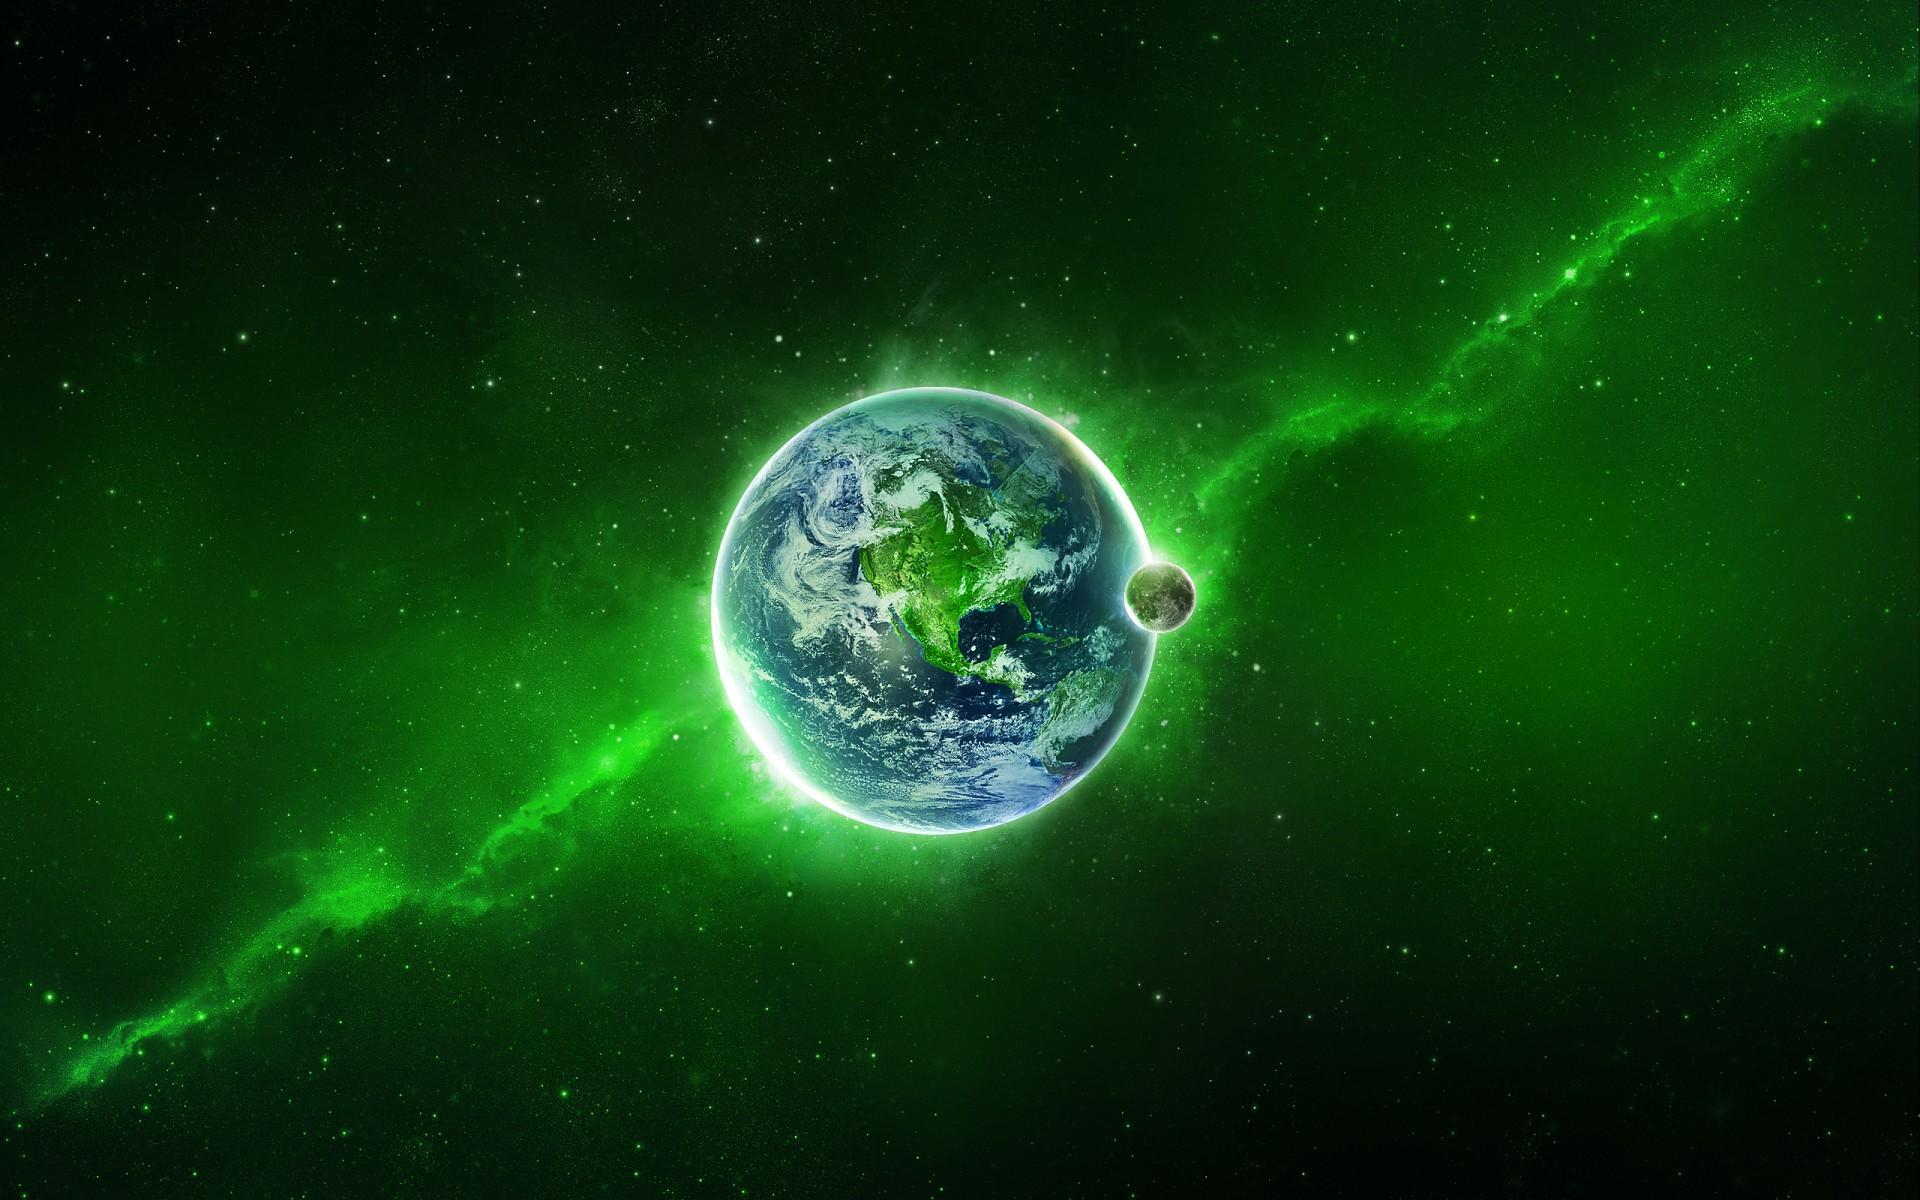 вселенная космос скачать картинки